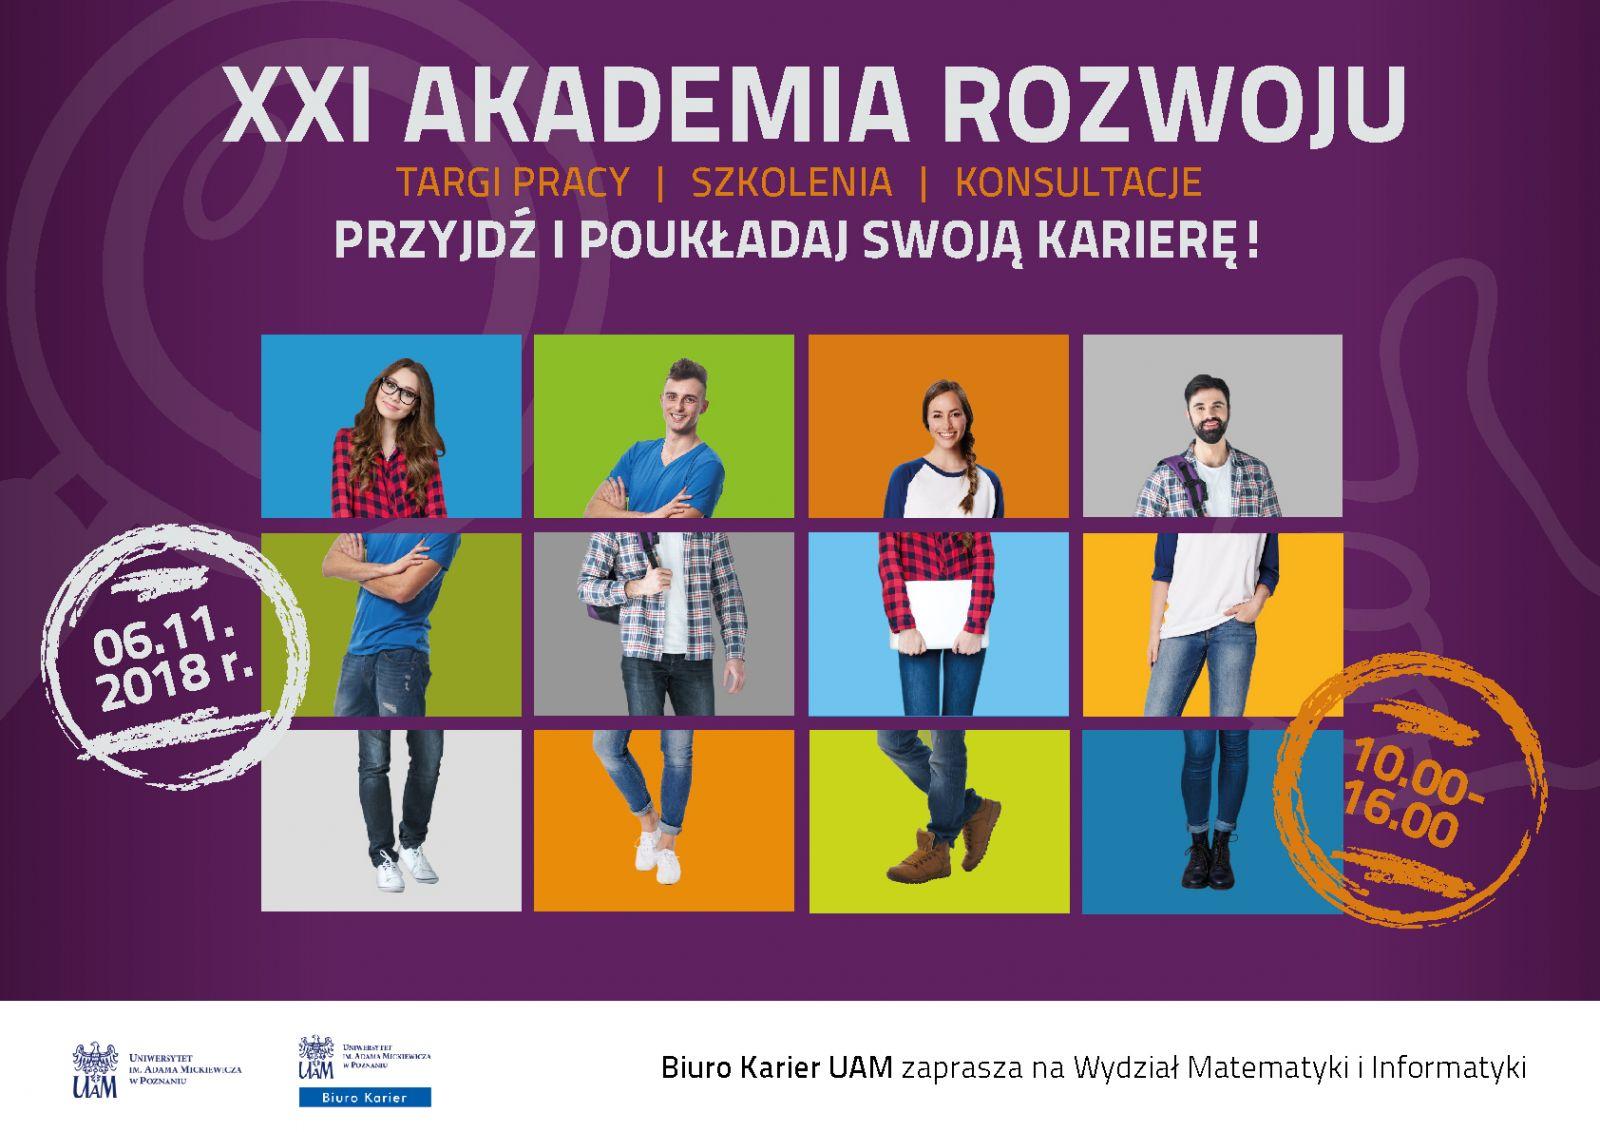 XXI Akademia Rozwoju